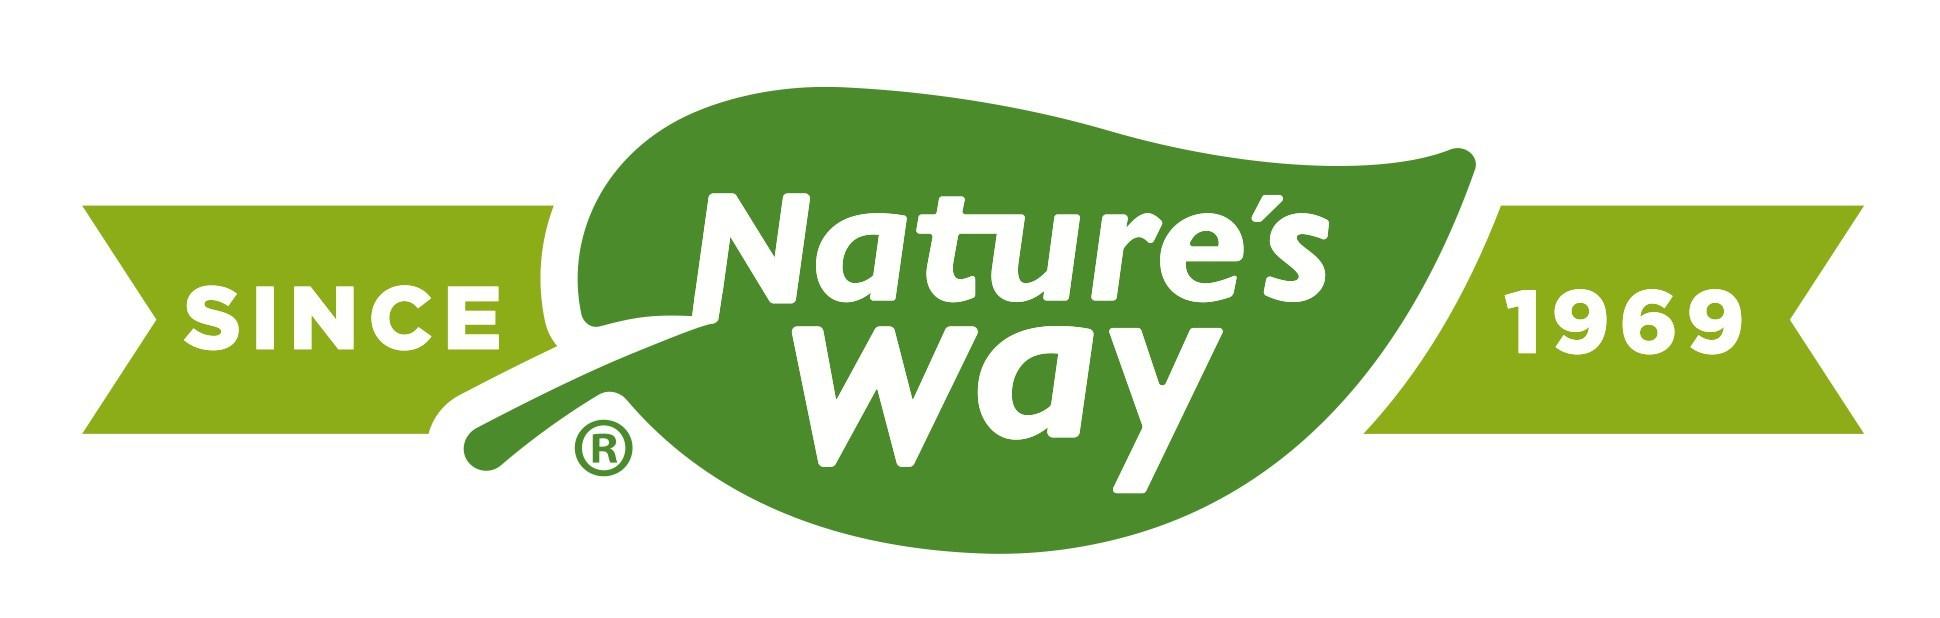 ناتشرز واي - Natures Way